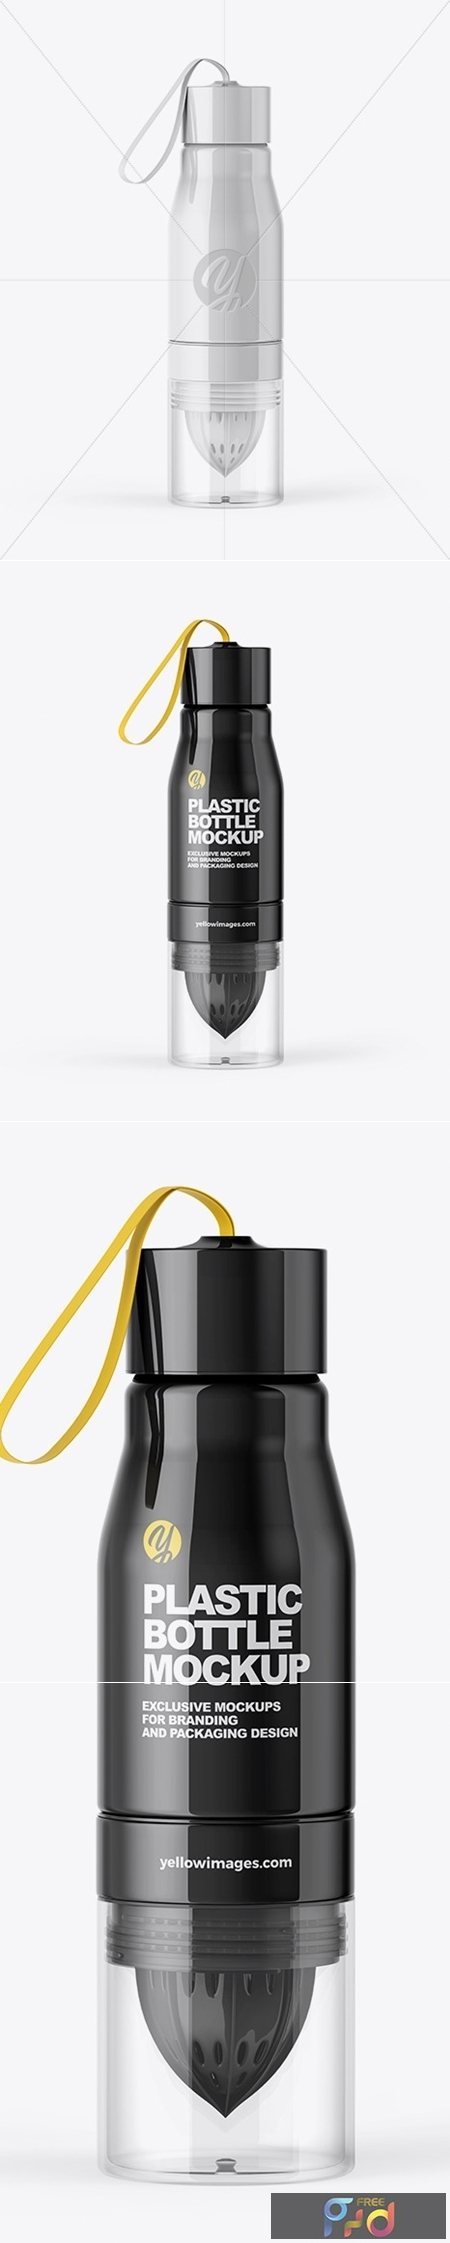 Glossy Water Bottle Mockup 51571 1